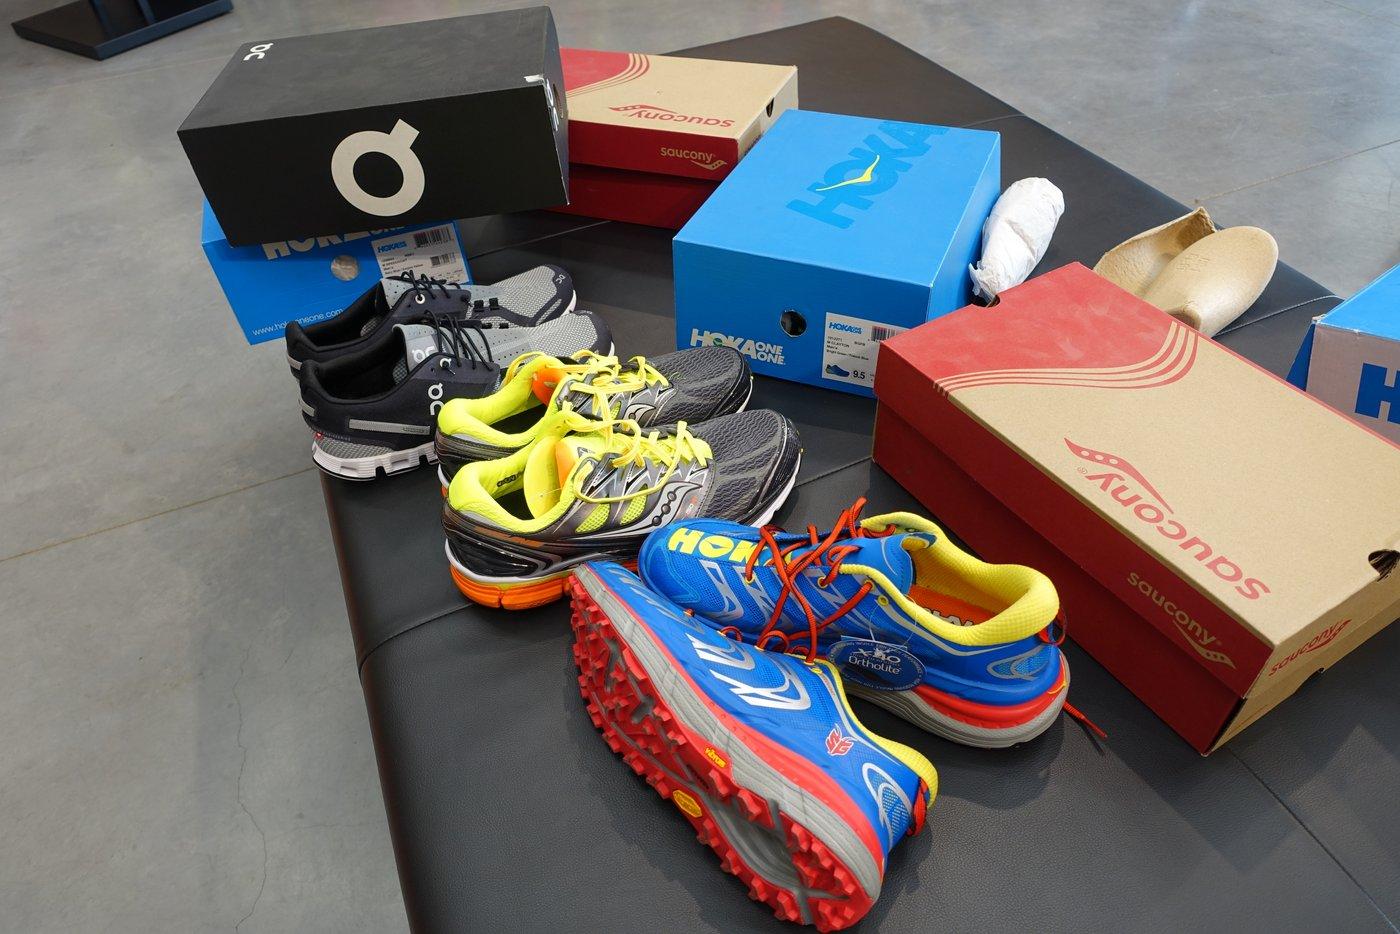 המועמדות הפעם: OnCloud, Sacouny ו Hoka נעלי ריצה מצויינות